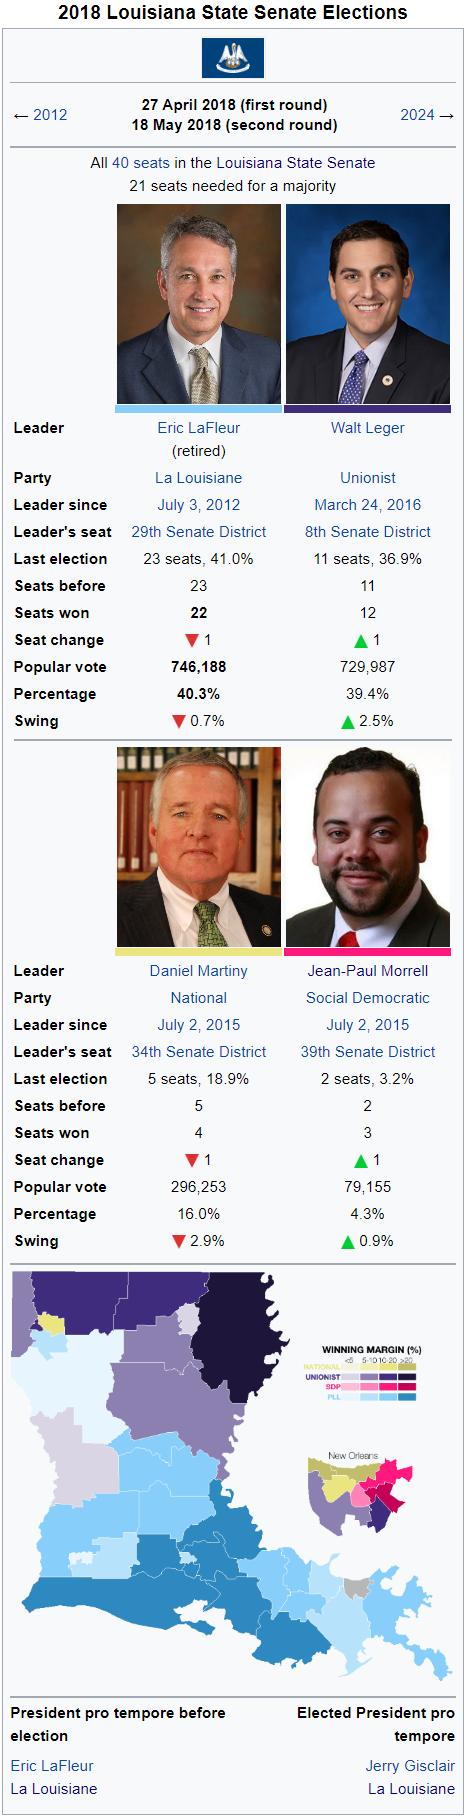 2018 Senate Election Wiki.png